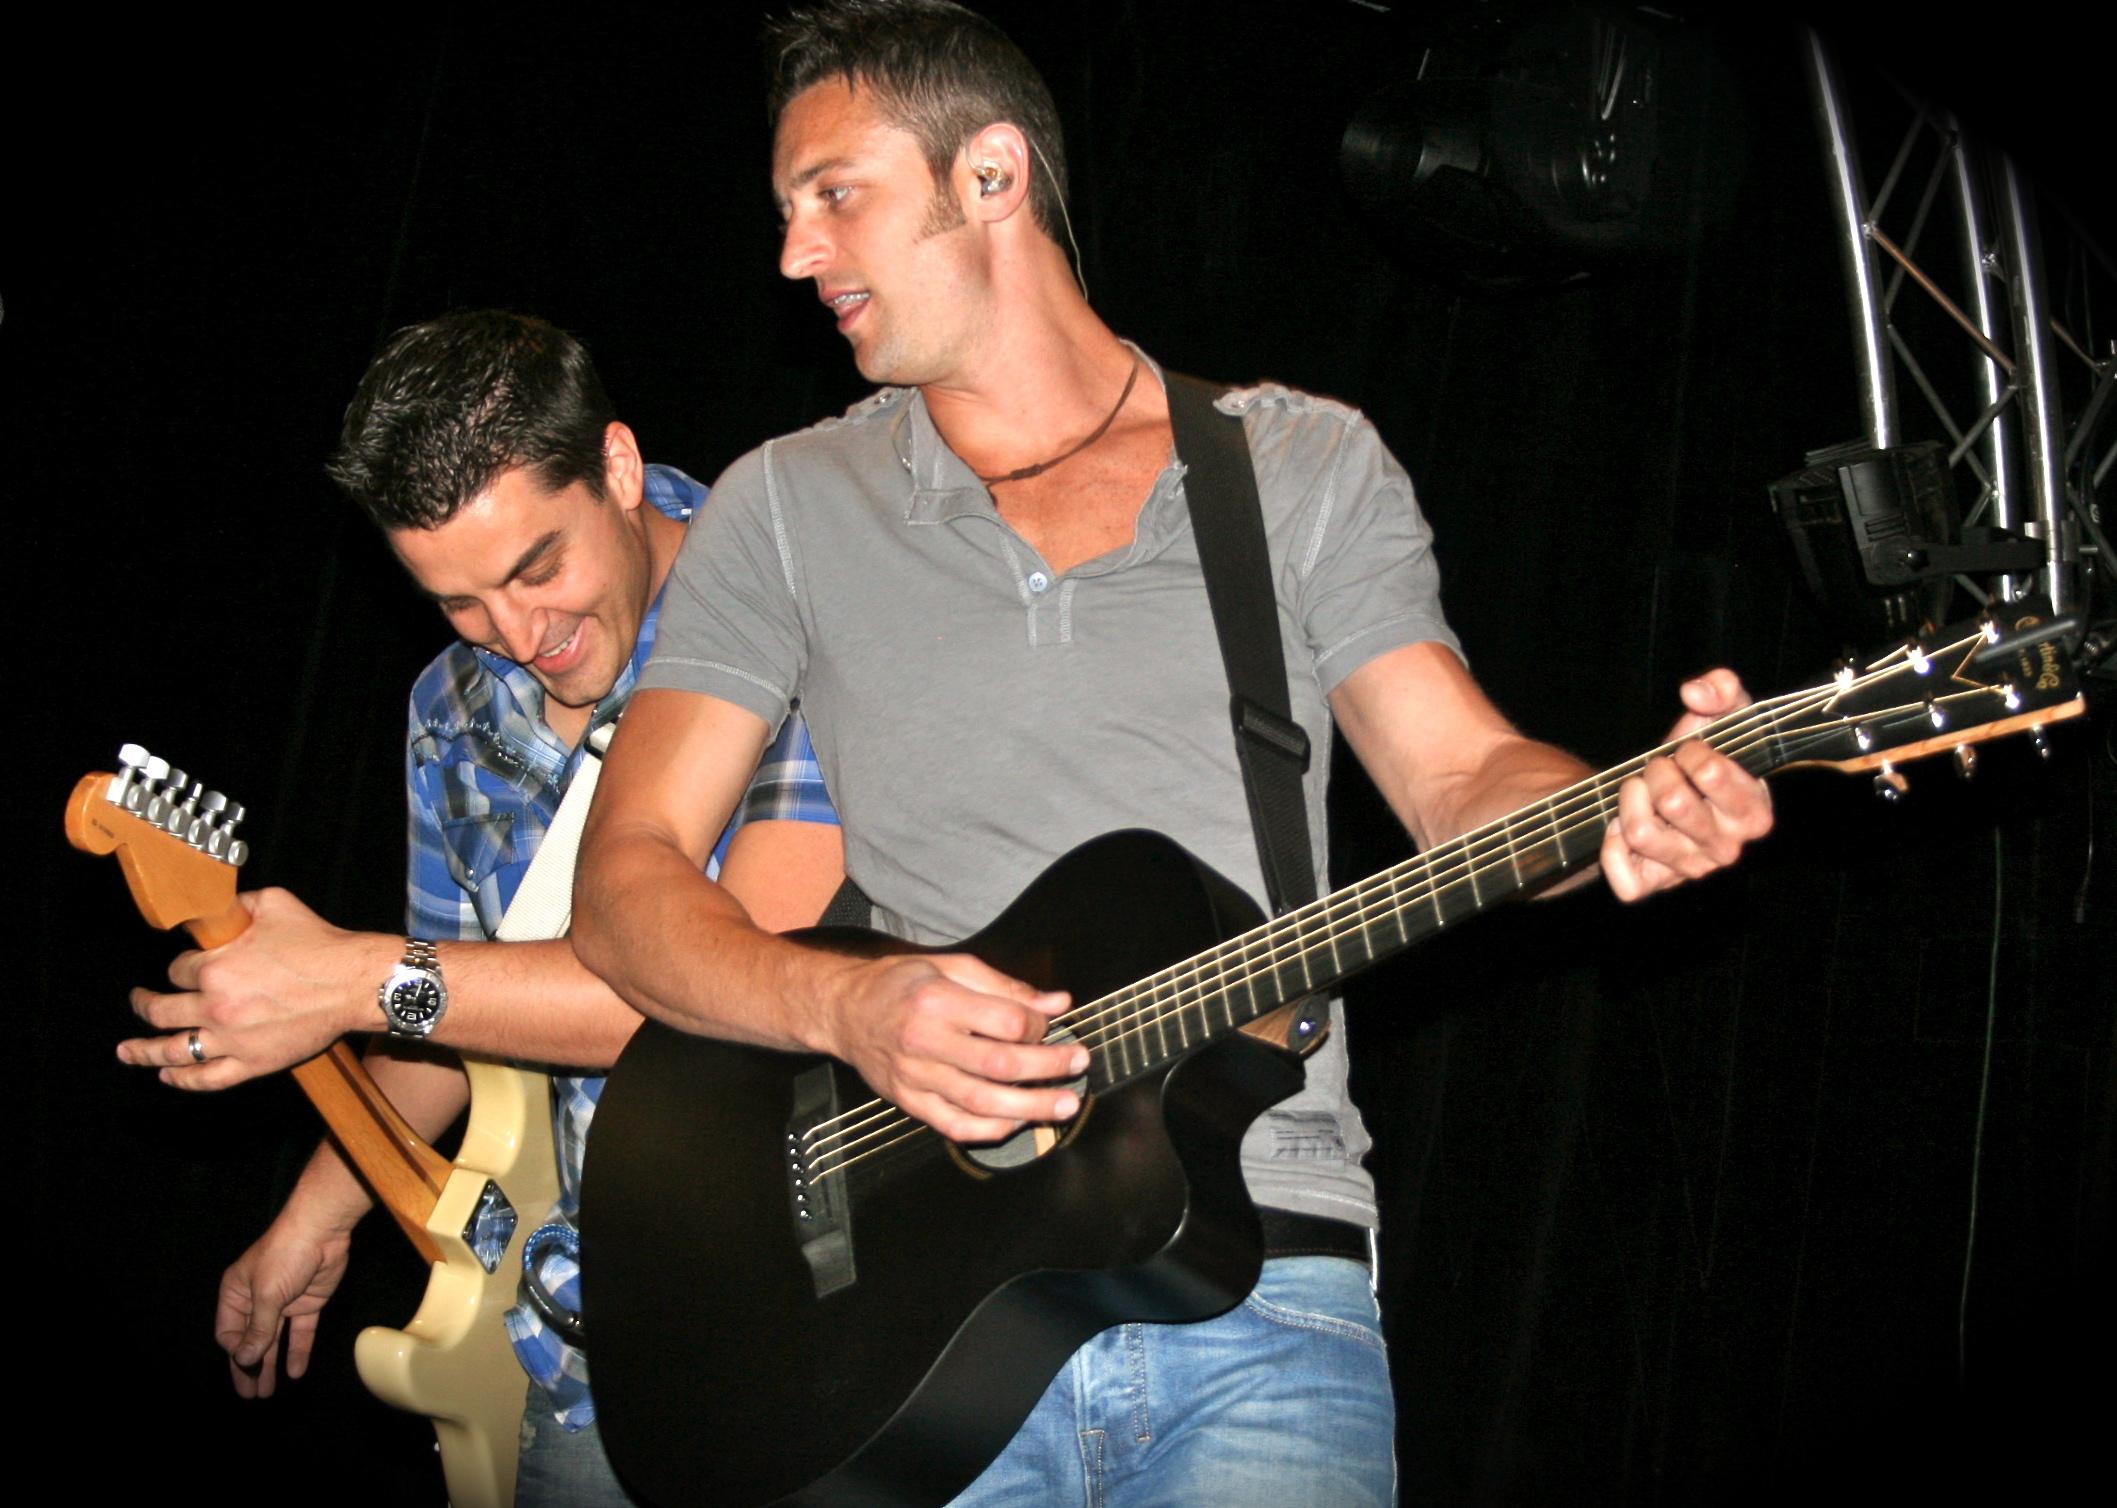 Whiskey Dawn_Nashville Music Guide_akandrews